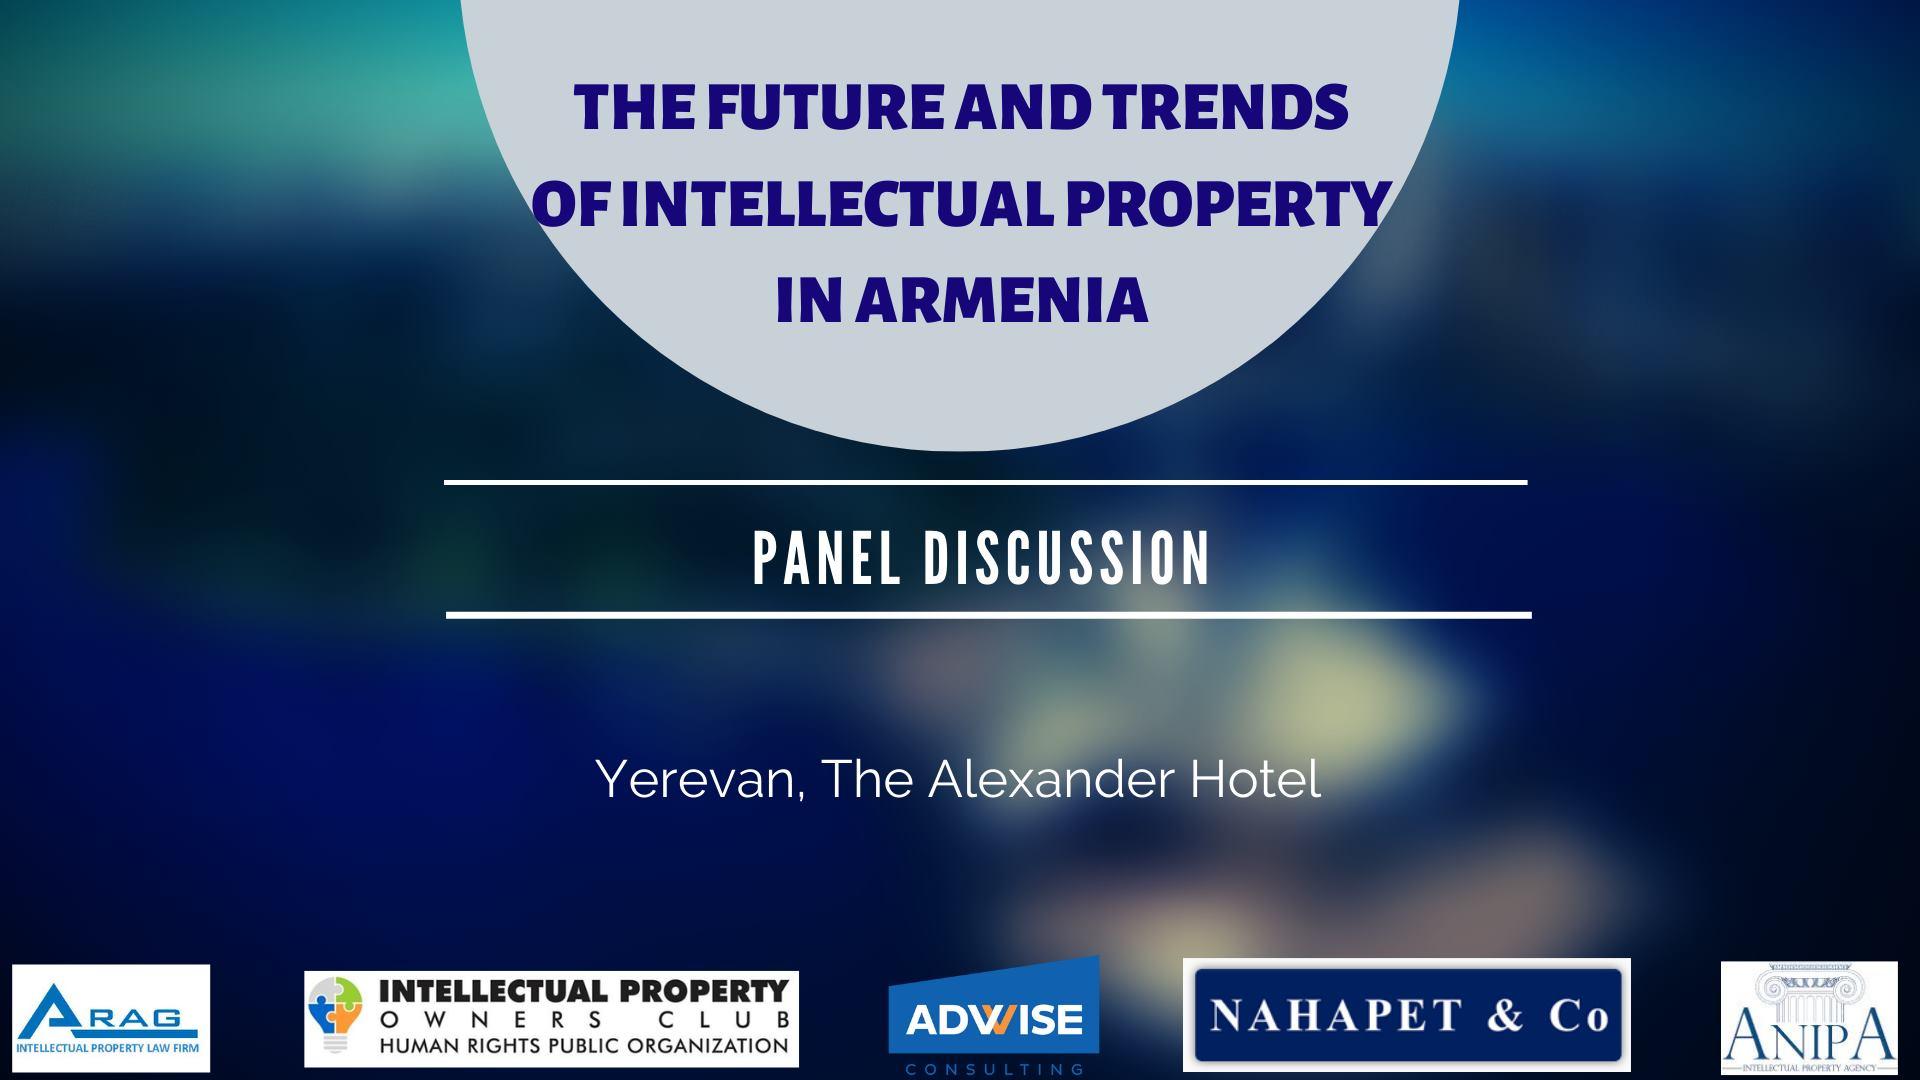 Մտավոր սեփականության ապագան և միտումները Հայաստանում